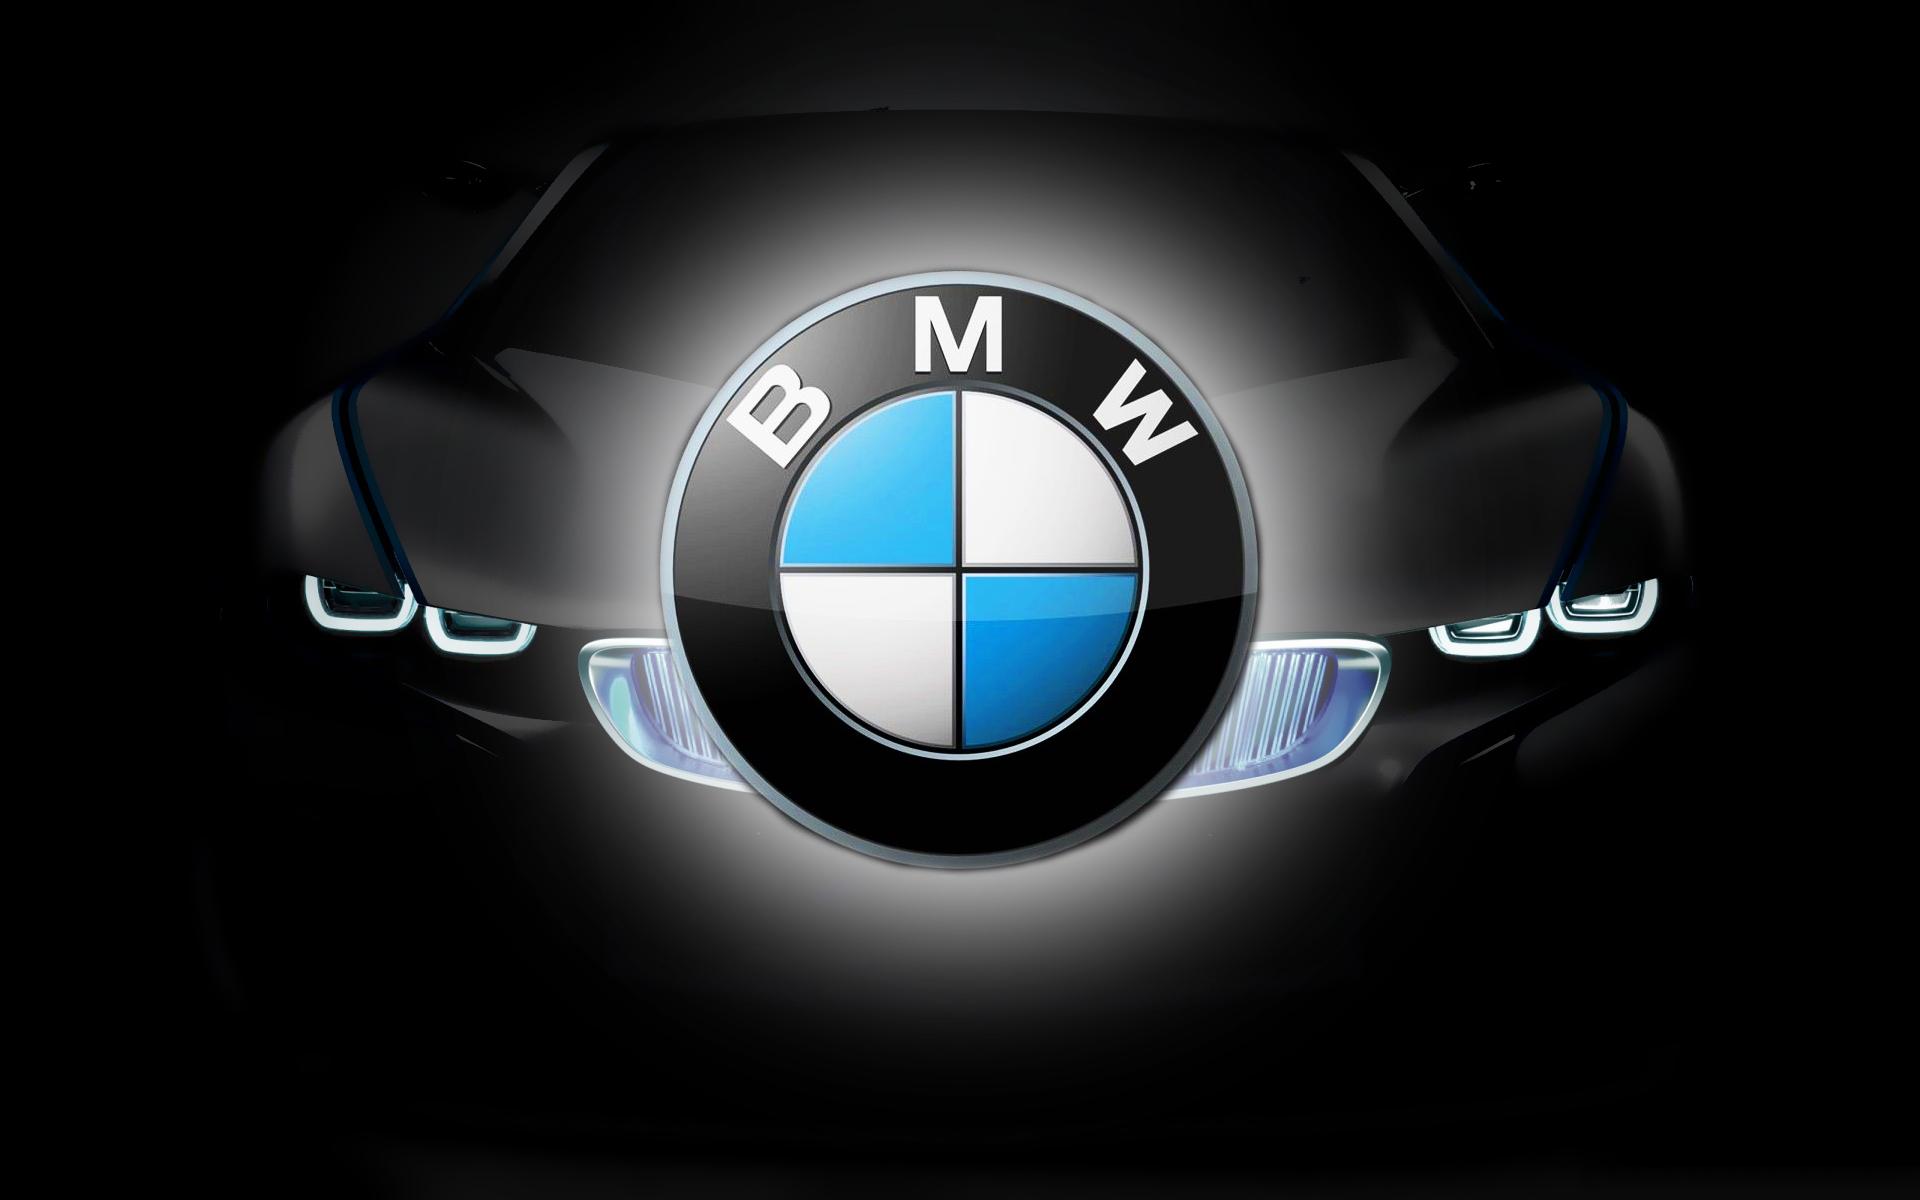 Автомобильные логотипы: автоистория для гурманов